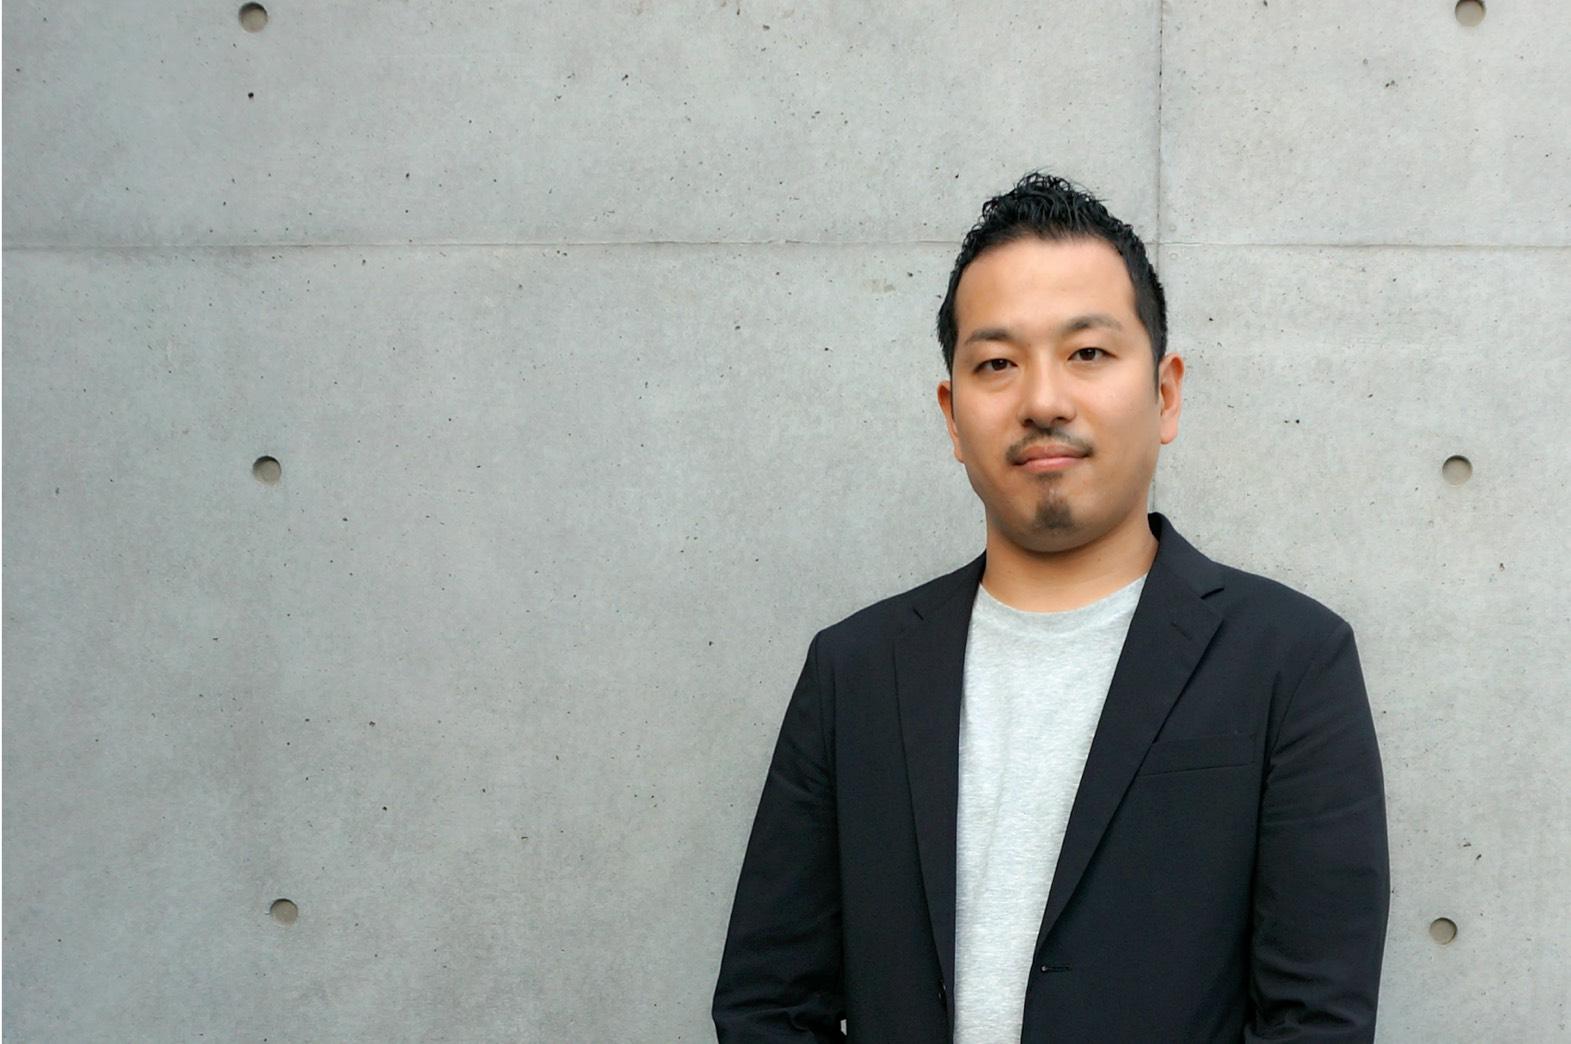 日本クラウドキャピタルエンジェル投資クオンタムゲスト:リープベンチャーキャピタル 古谷健太郎氏